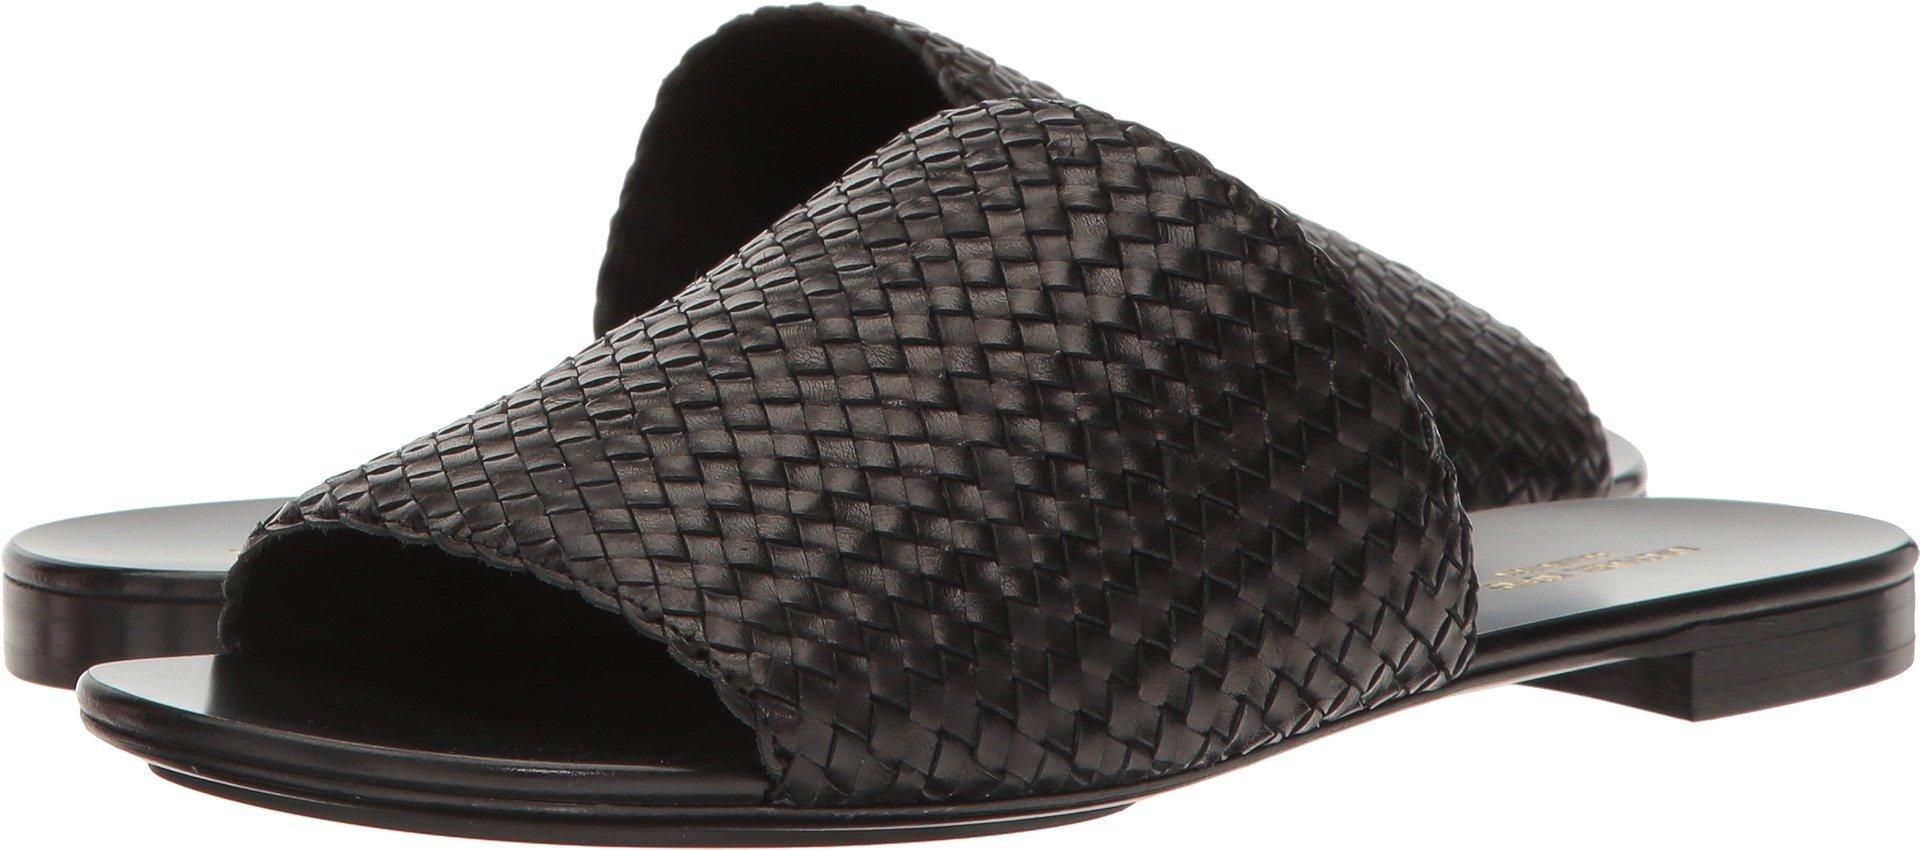 Michael Kors Women's Byrne Black Woven Leather Sandal